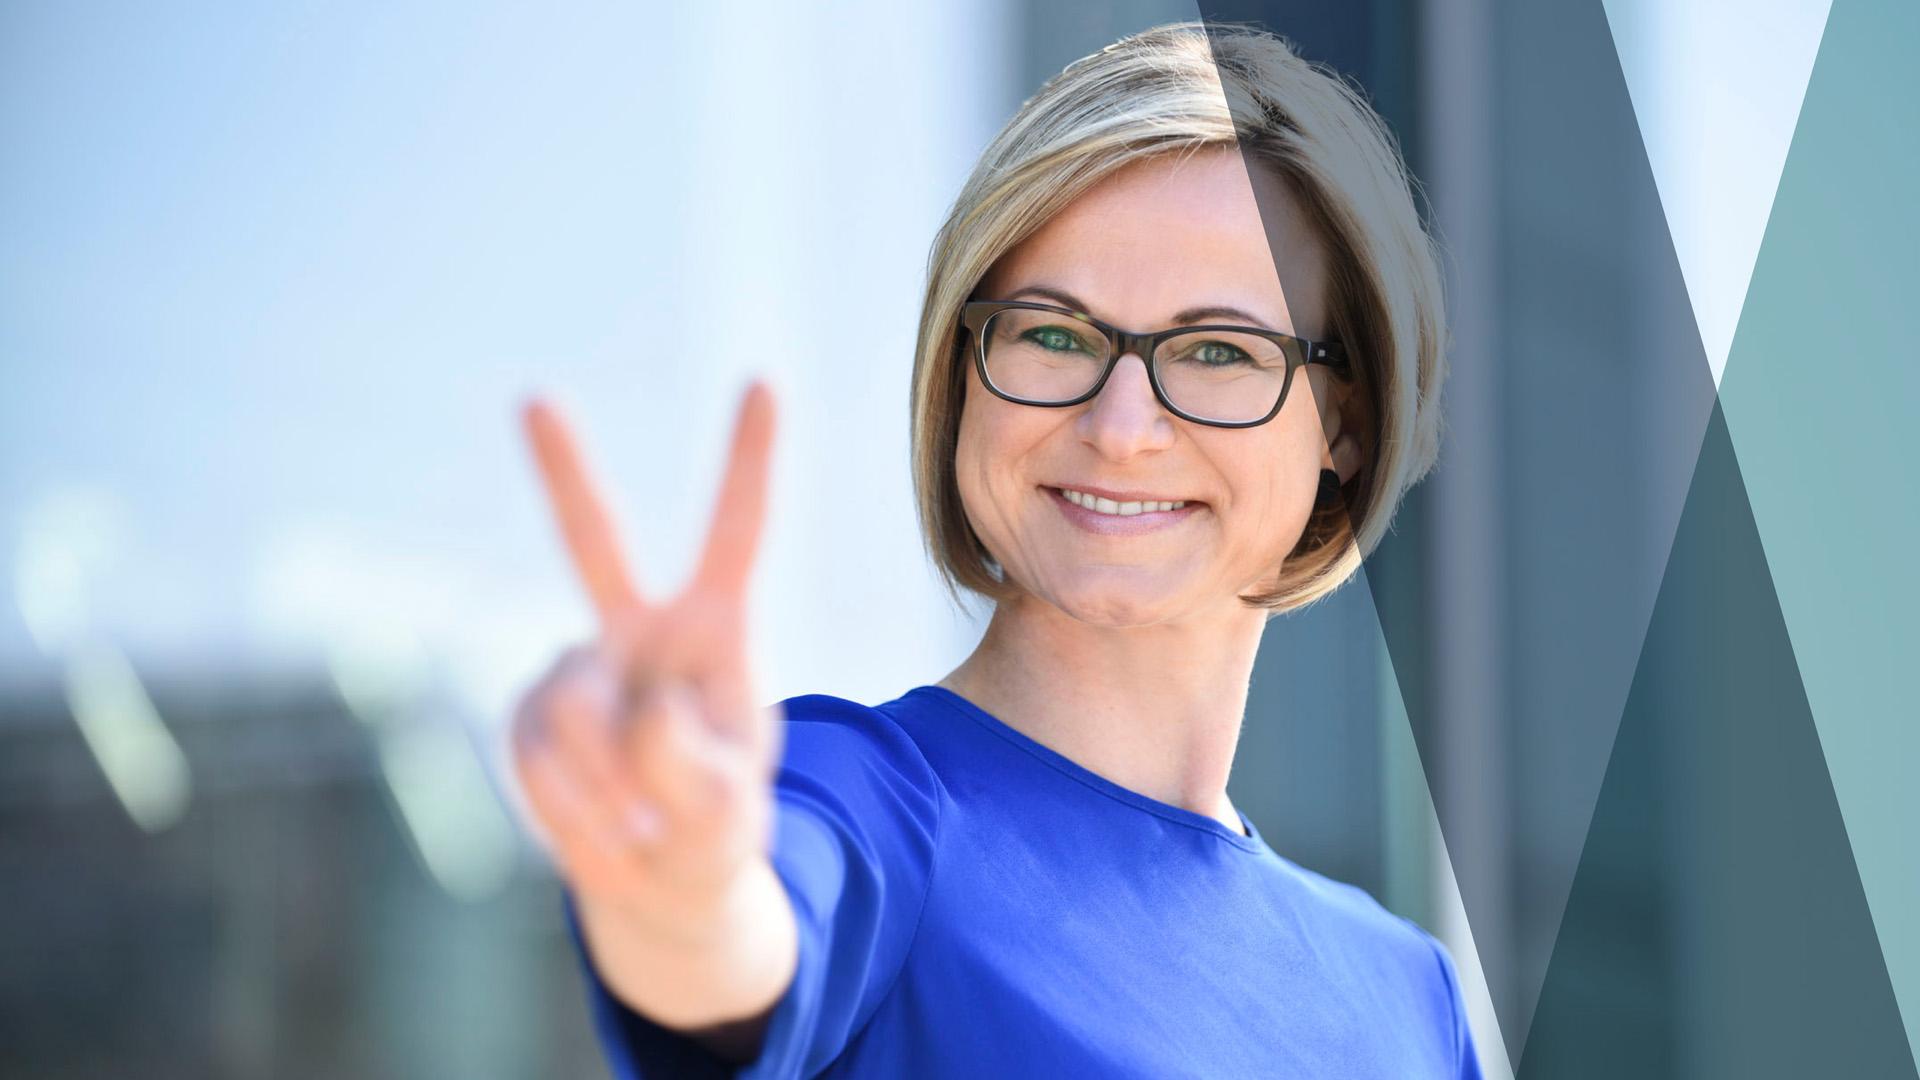 Eileen Froelich